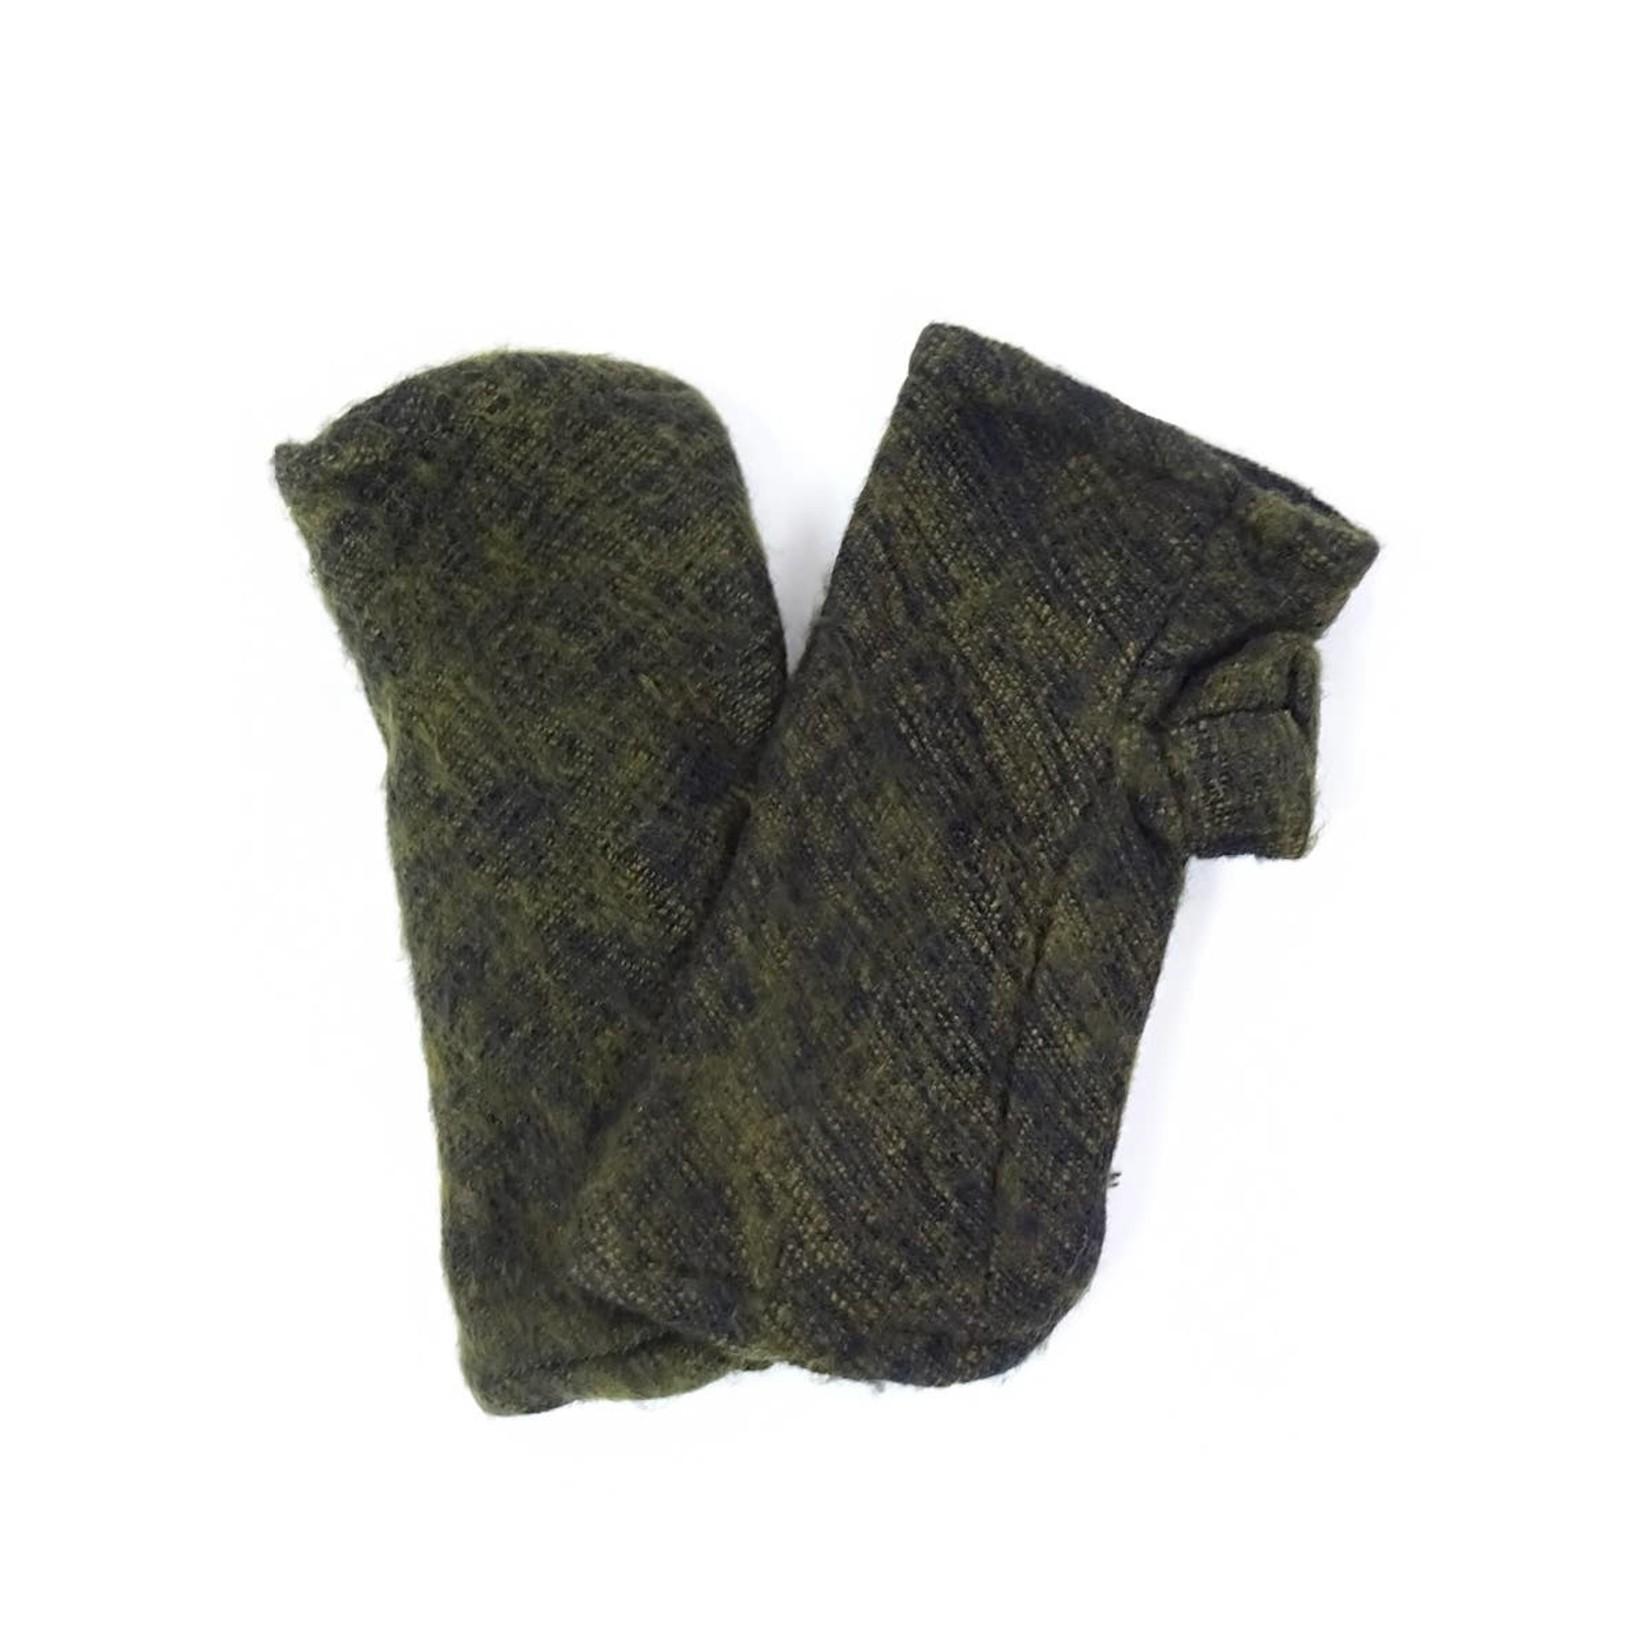 Zig Zag Asian Brushed Woven Fingerless Gloves in Olive